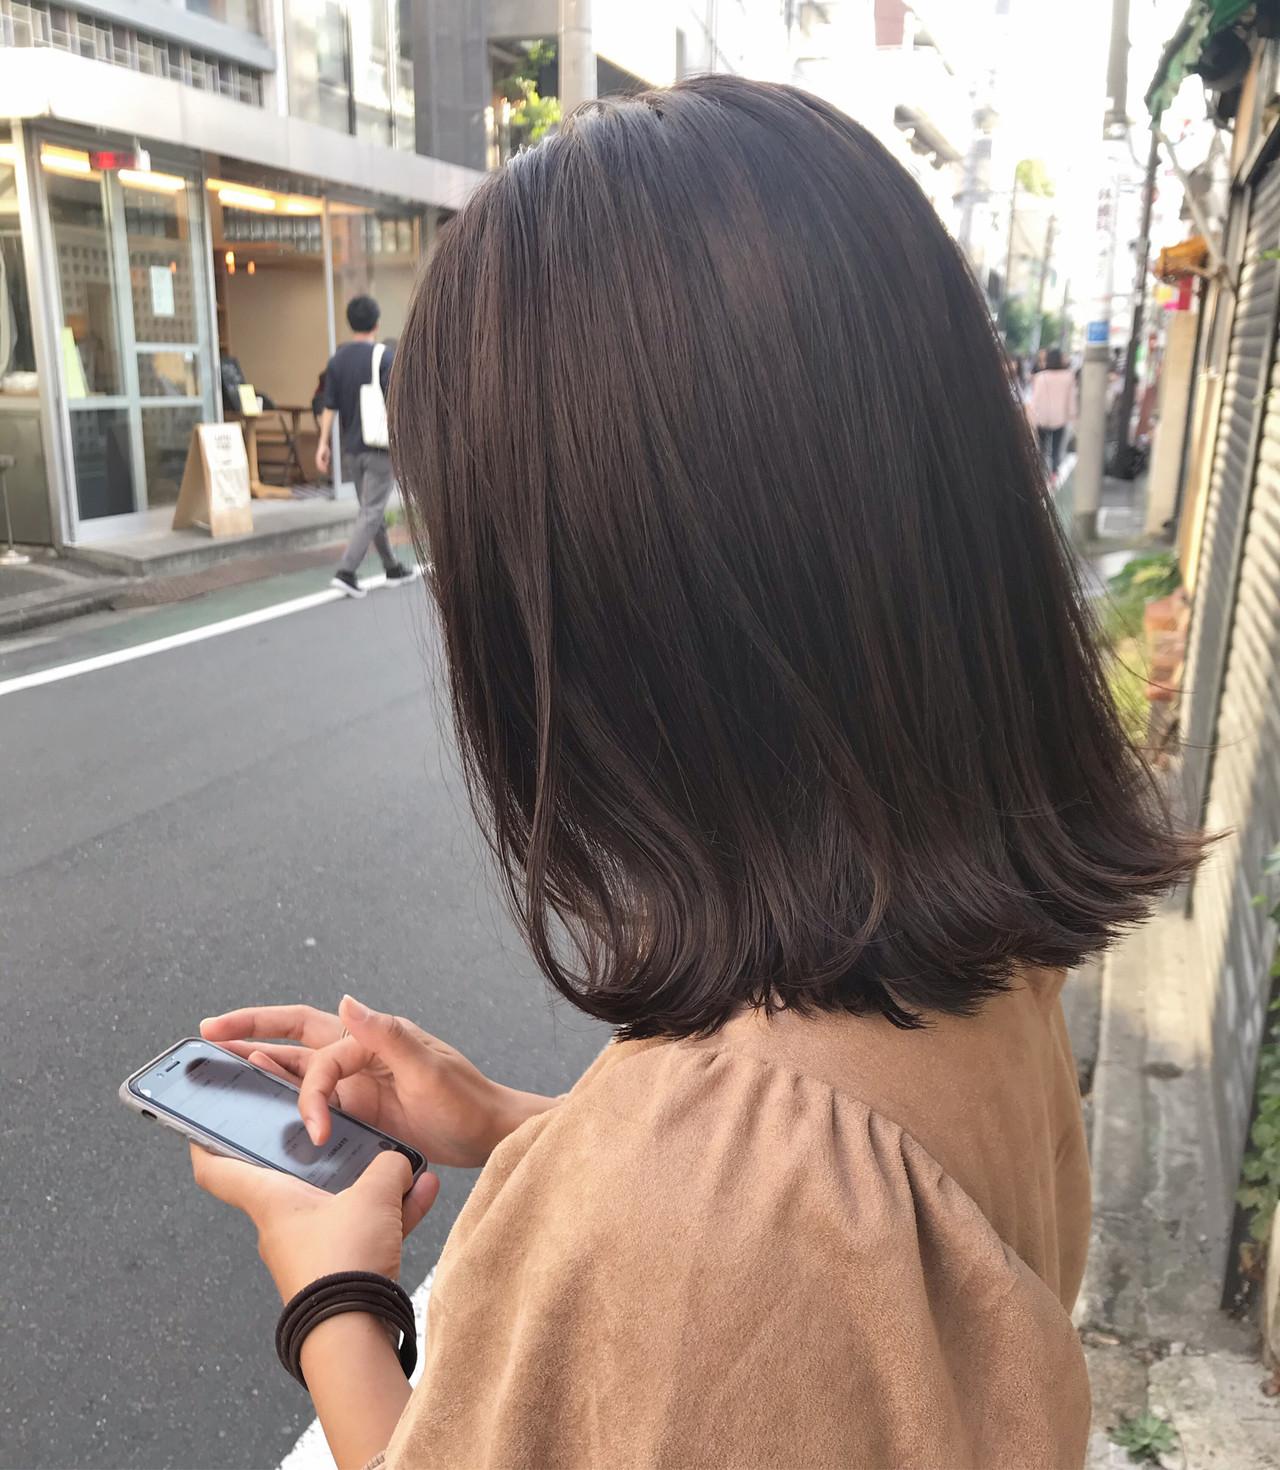 ボブ 暗髪 ナチュラル 透明感カラー ヘアスタイルや髪型の写真・画像 | 槙山ユースケ/トップスタイリスト / chobii